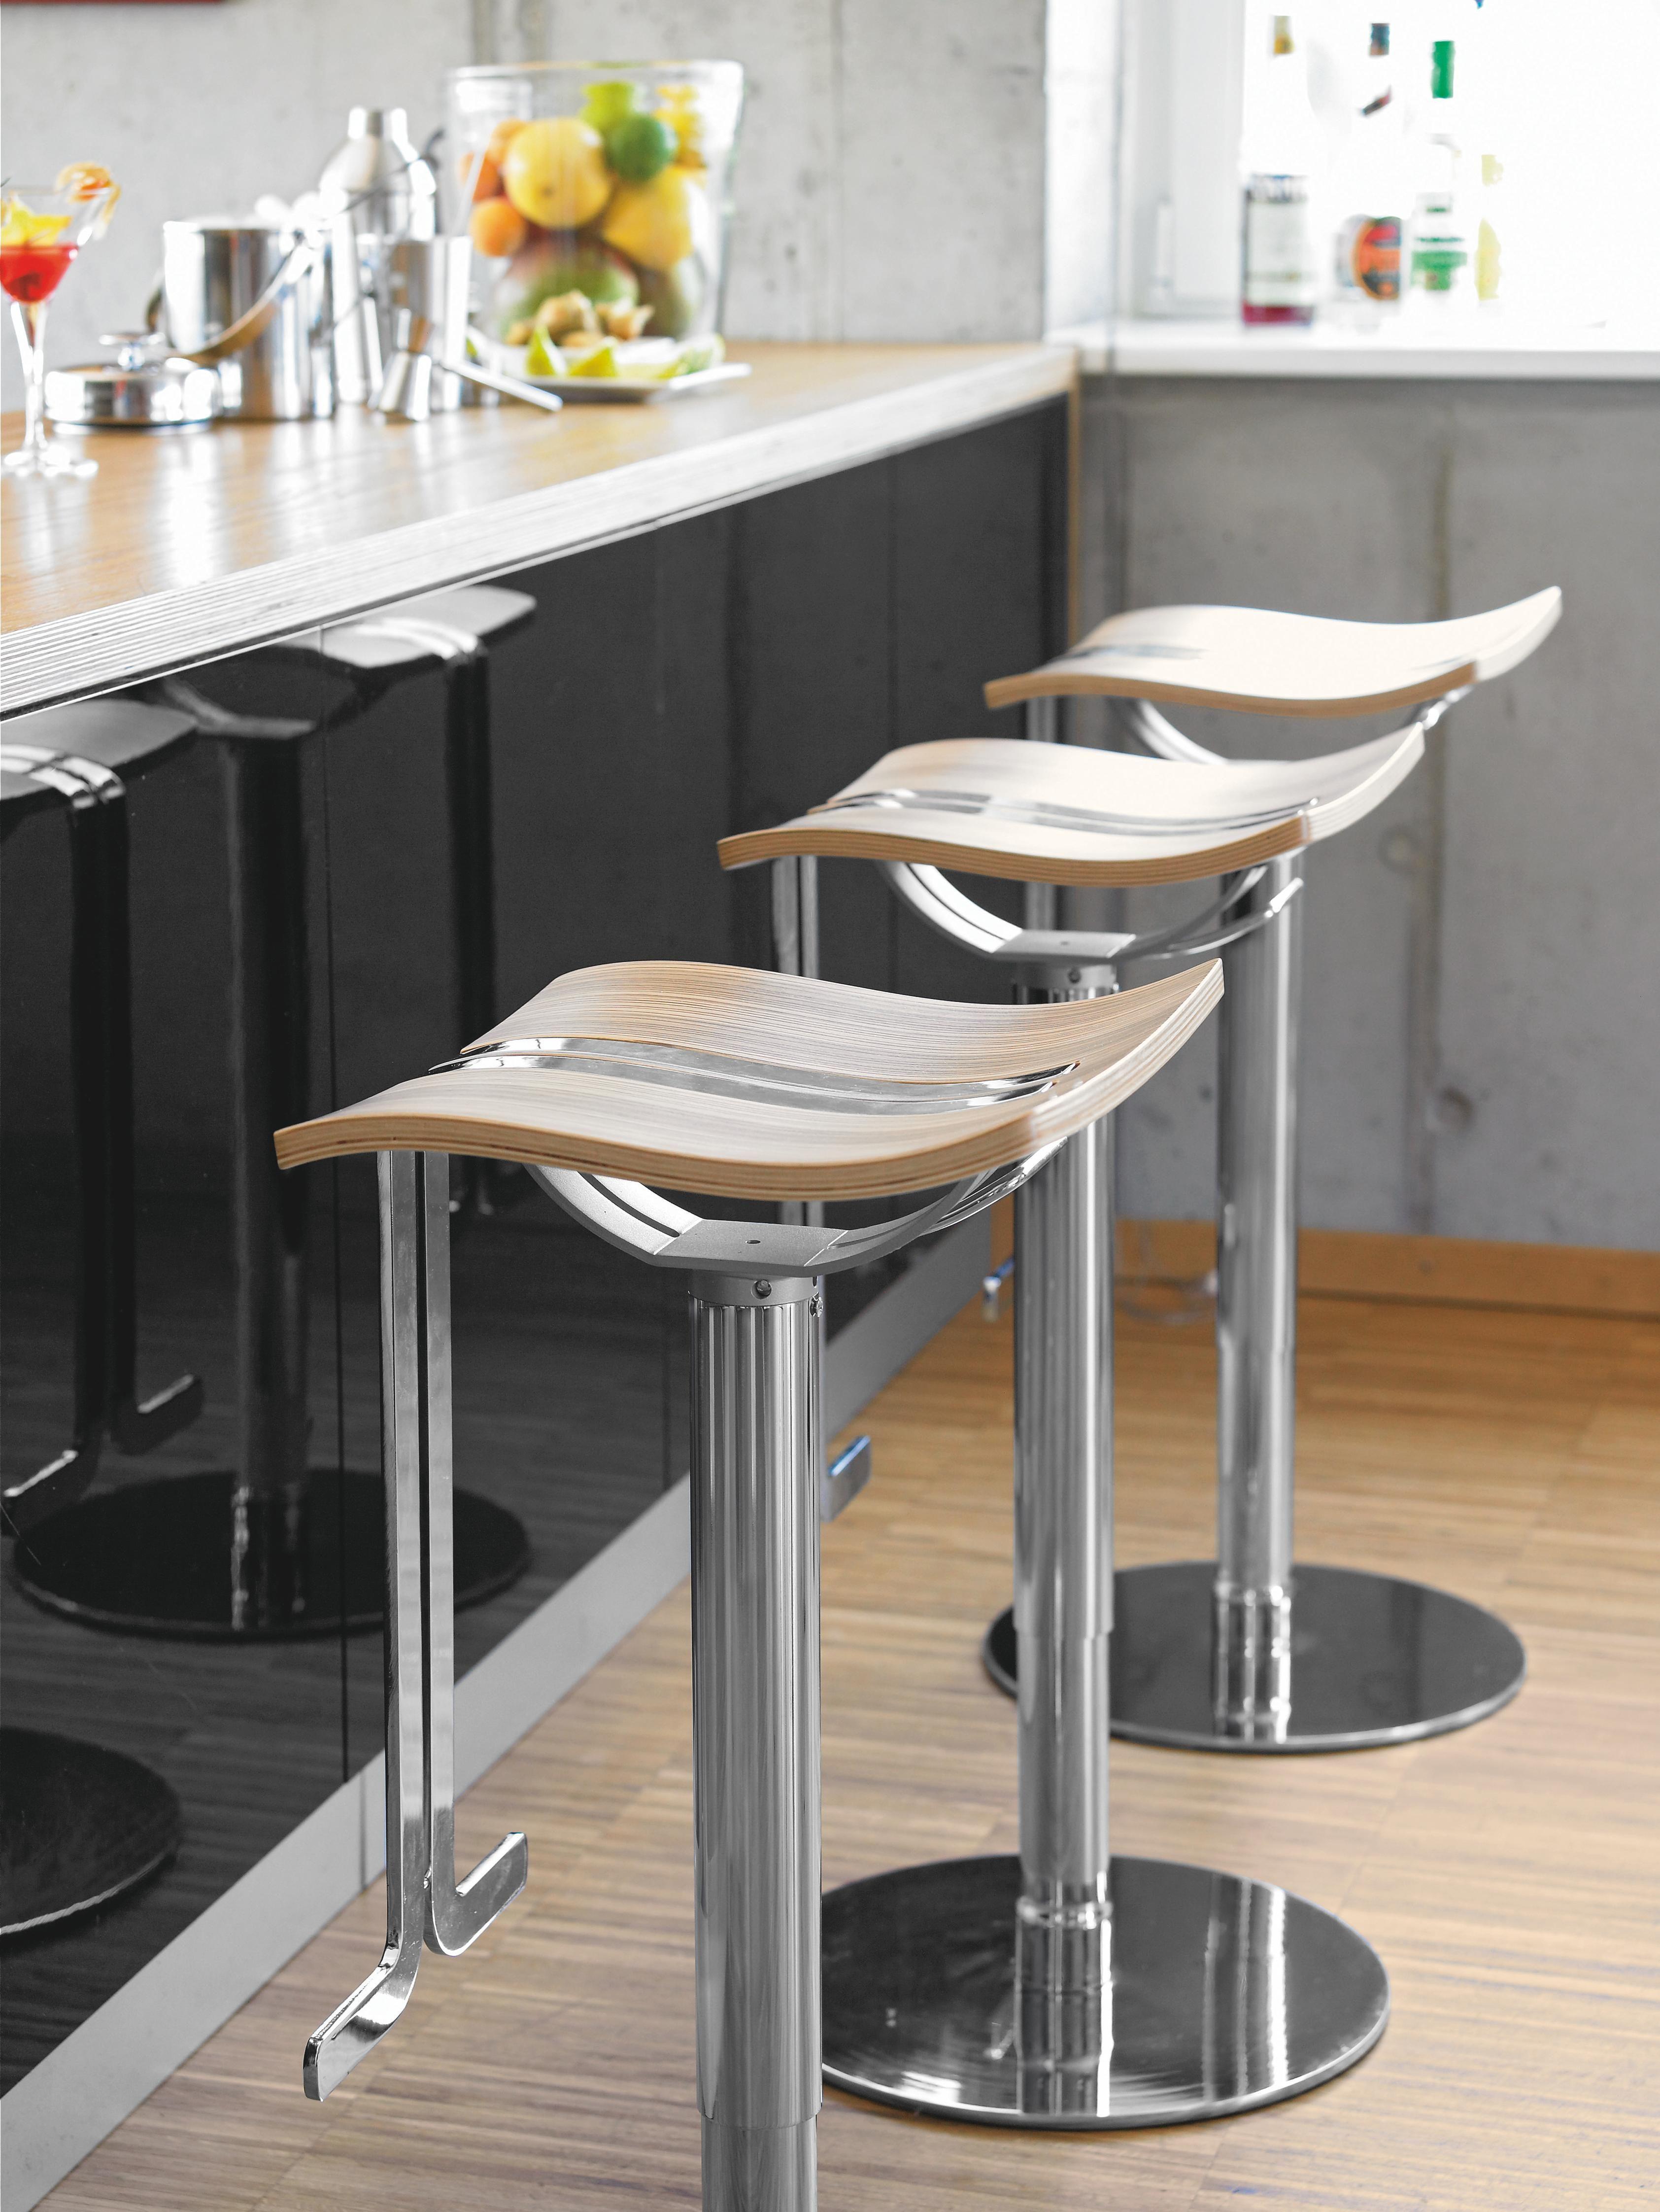 Dieser Barhocker Ist Trendig Und Außergewöhnlich Der Sitz Wird Geschmackvoll Vom Gestell Aus Verchromtem Stahl Abgesetzt Das O Barhocker Schöne Küchen Hocker